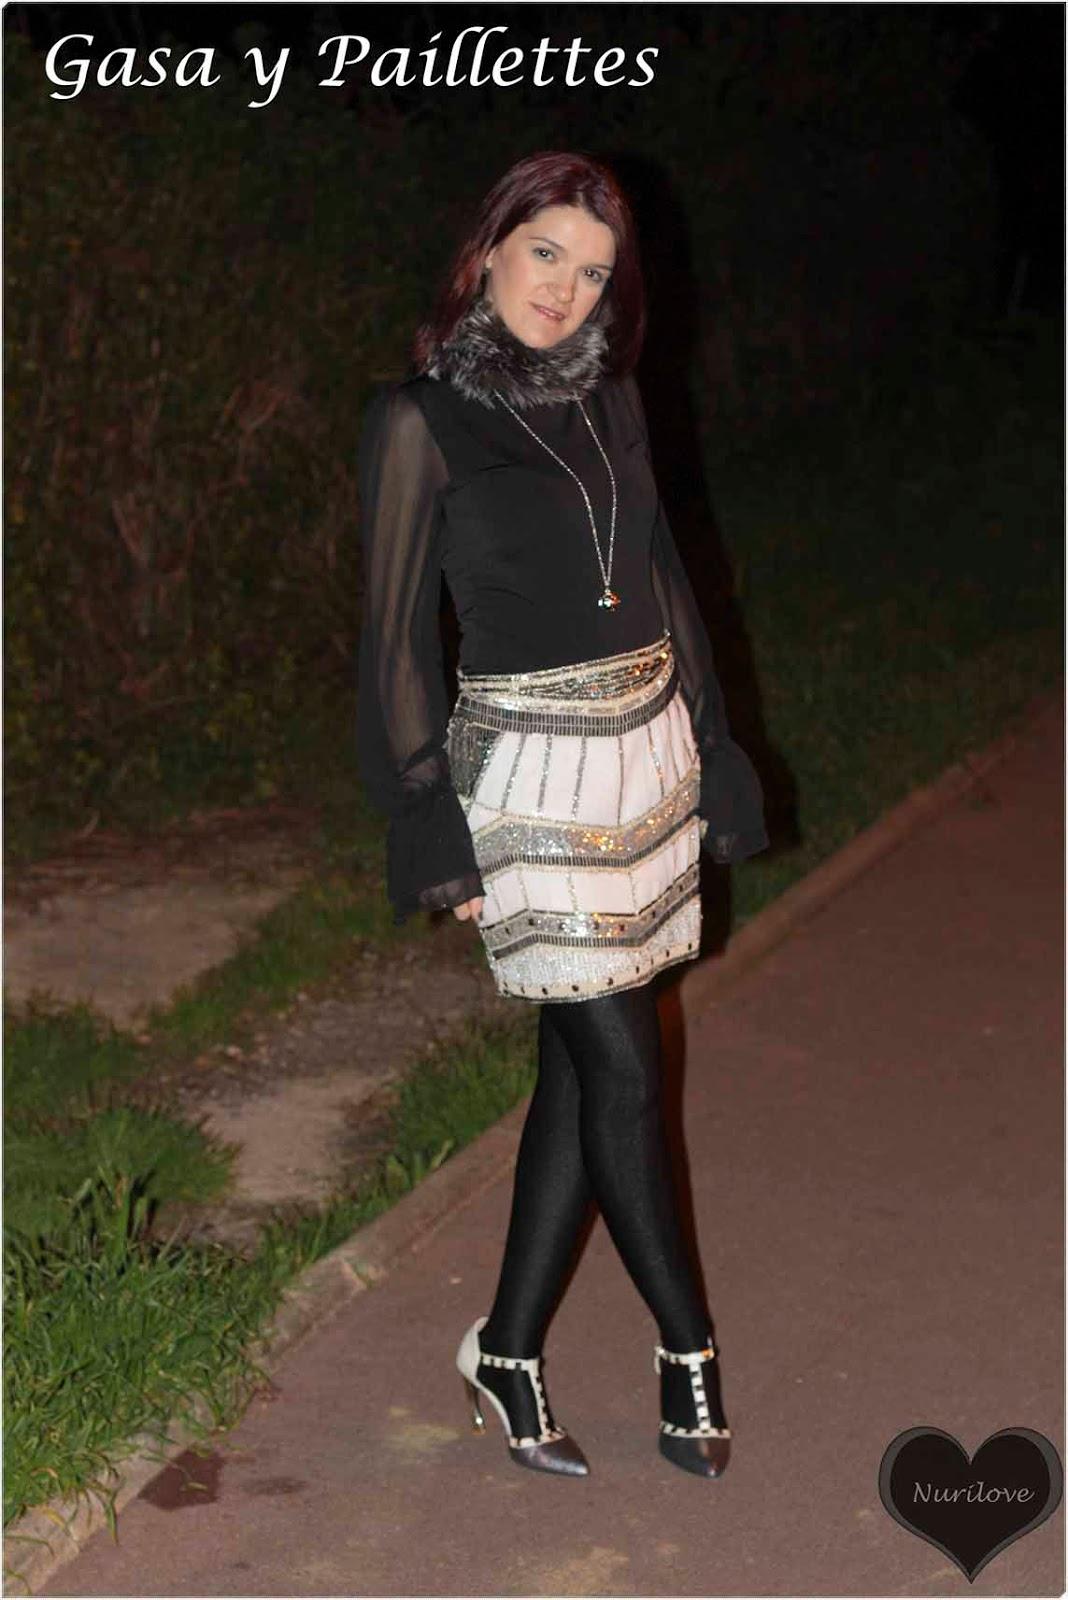 look de gasa con mini falda de paillettes super especial para cualquier evento al que acudir